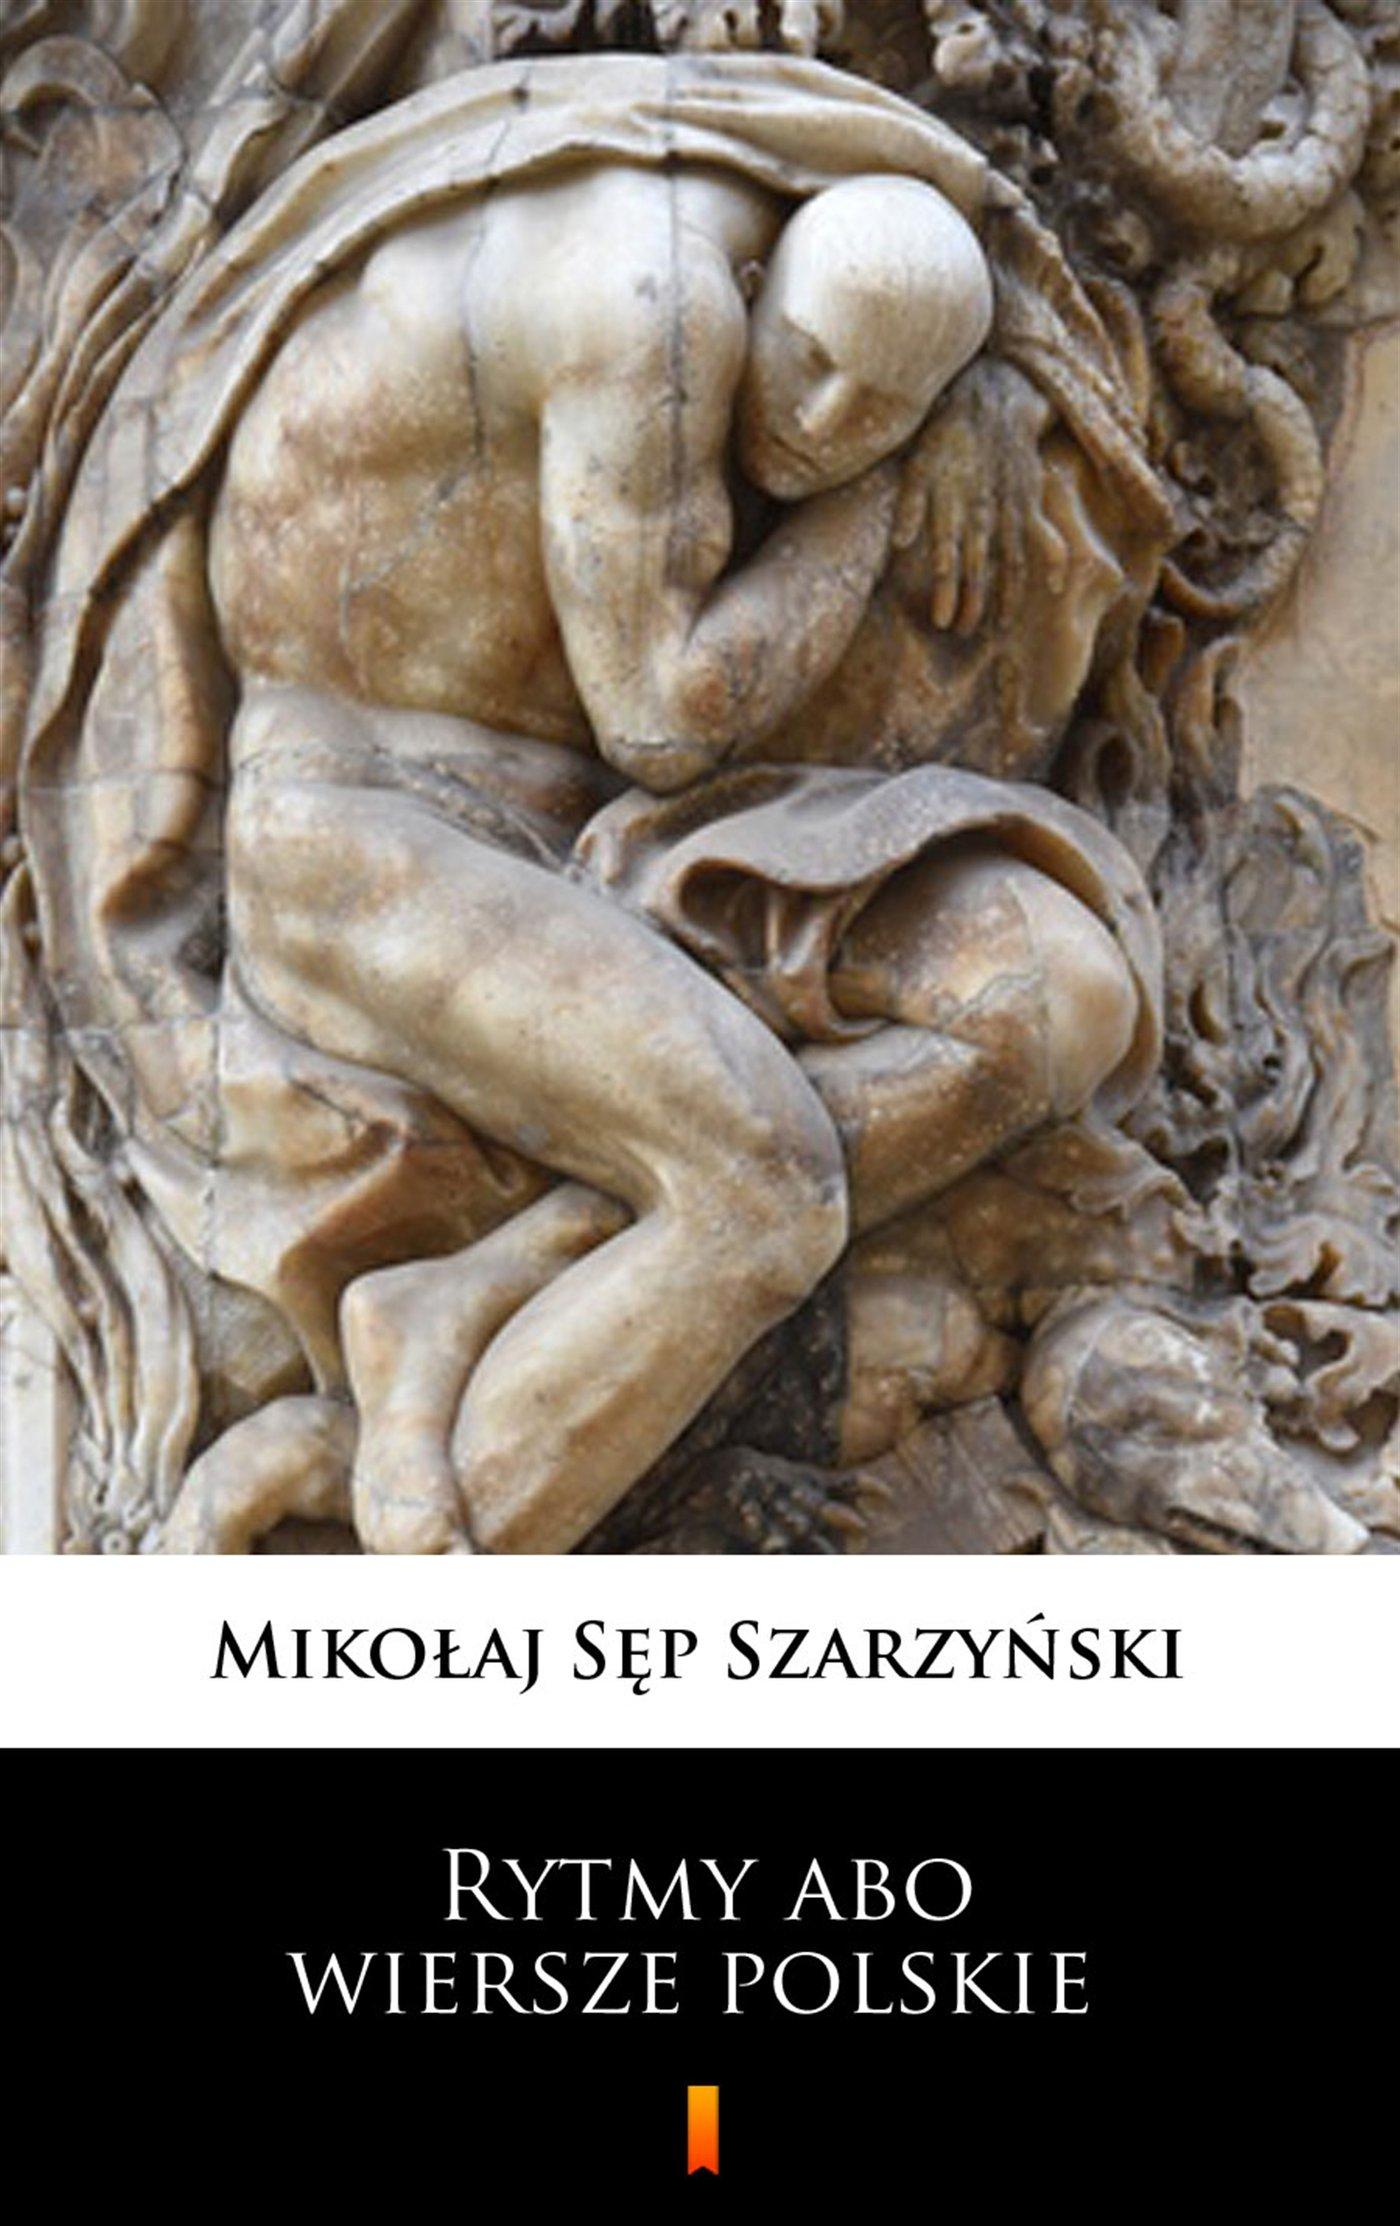 Rytmy abo wiersze polskie - Ebook (Książka na Kindle) do pobrania w formacie MOBI